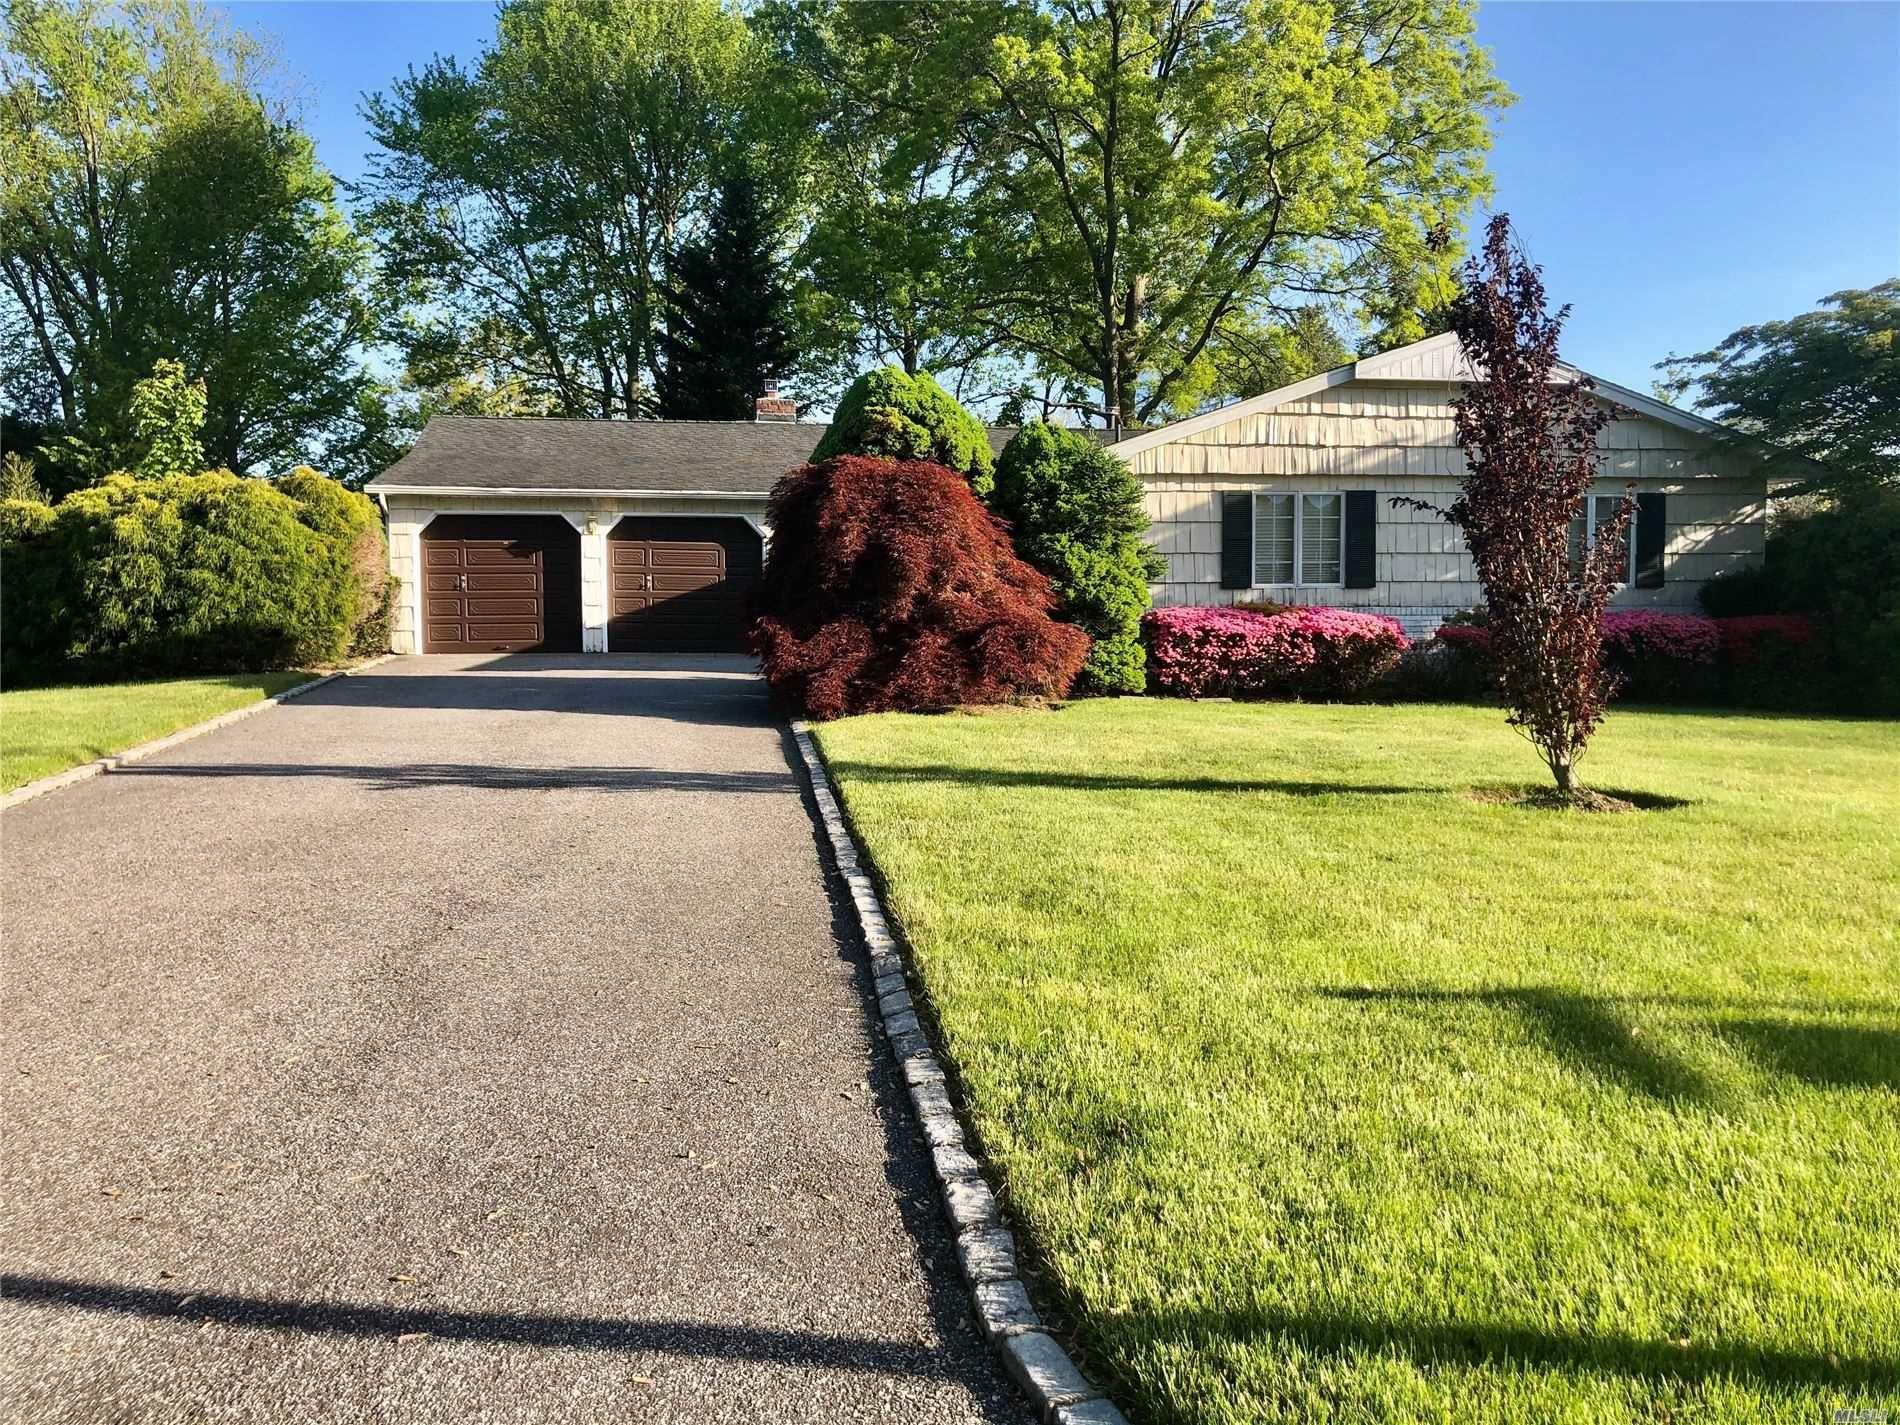 36 Campbell Drive, Dix Hills, NY 11746 - MLS#: 3201431